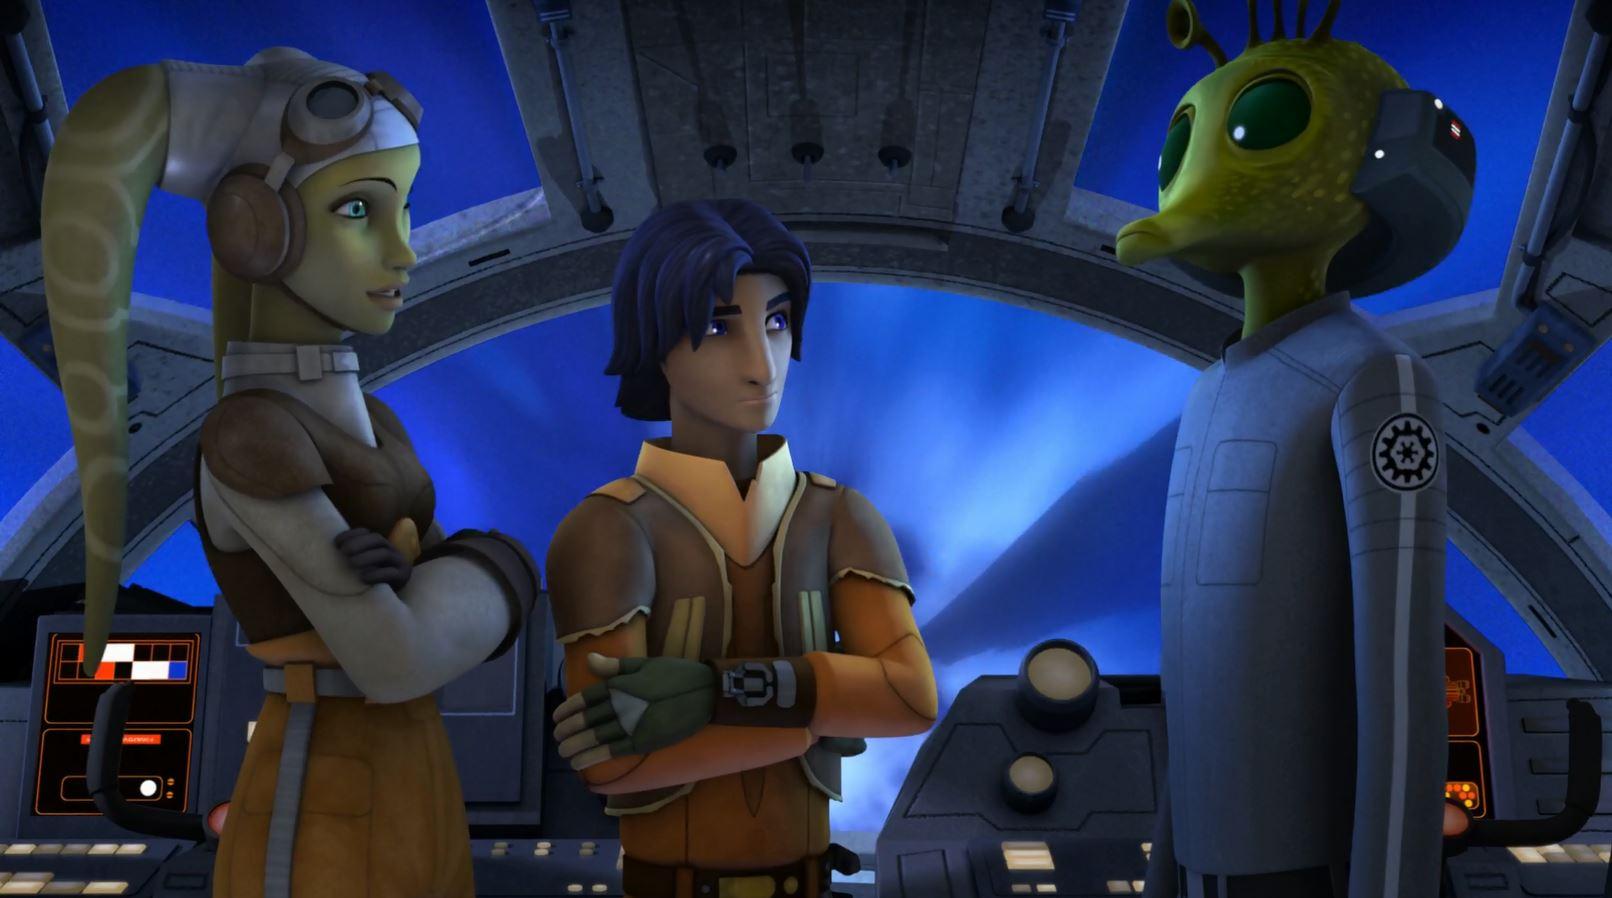 Hera, Ezra and Tseebo. Star Wars Rebels Gathering Forces Review